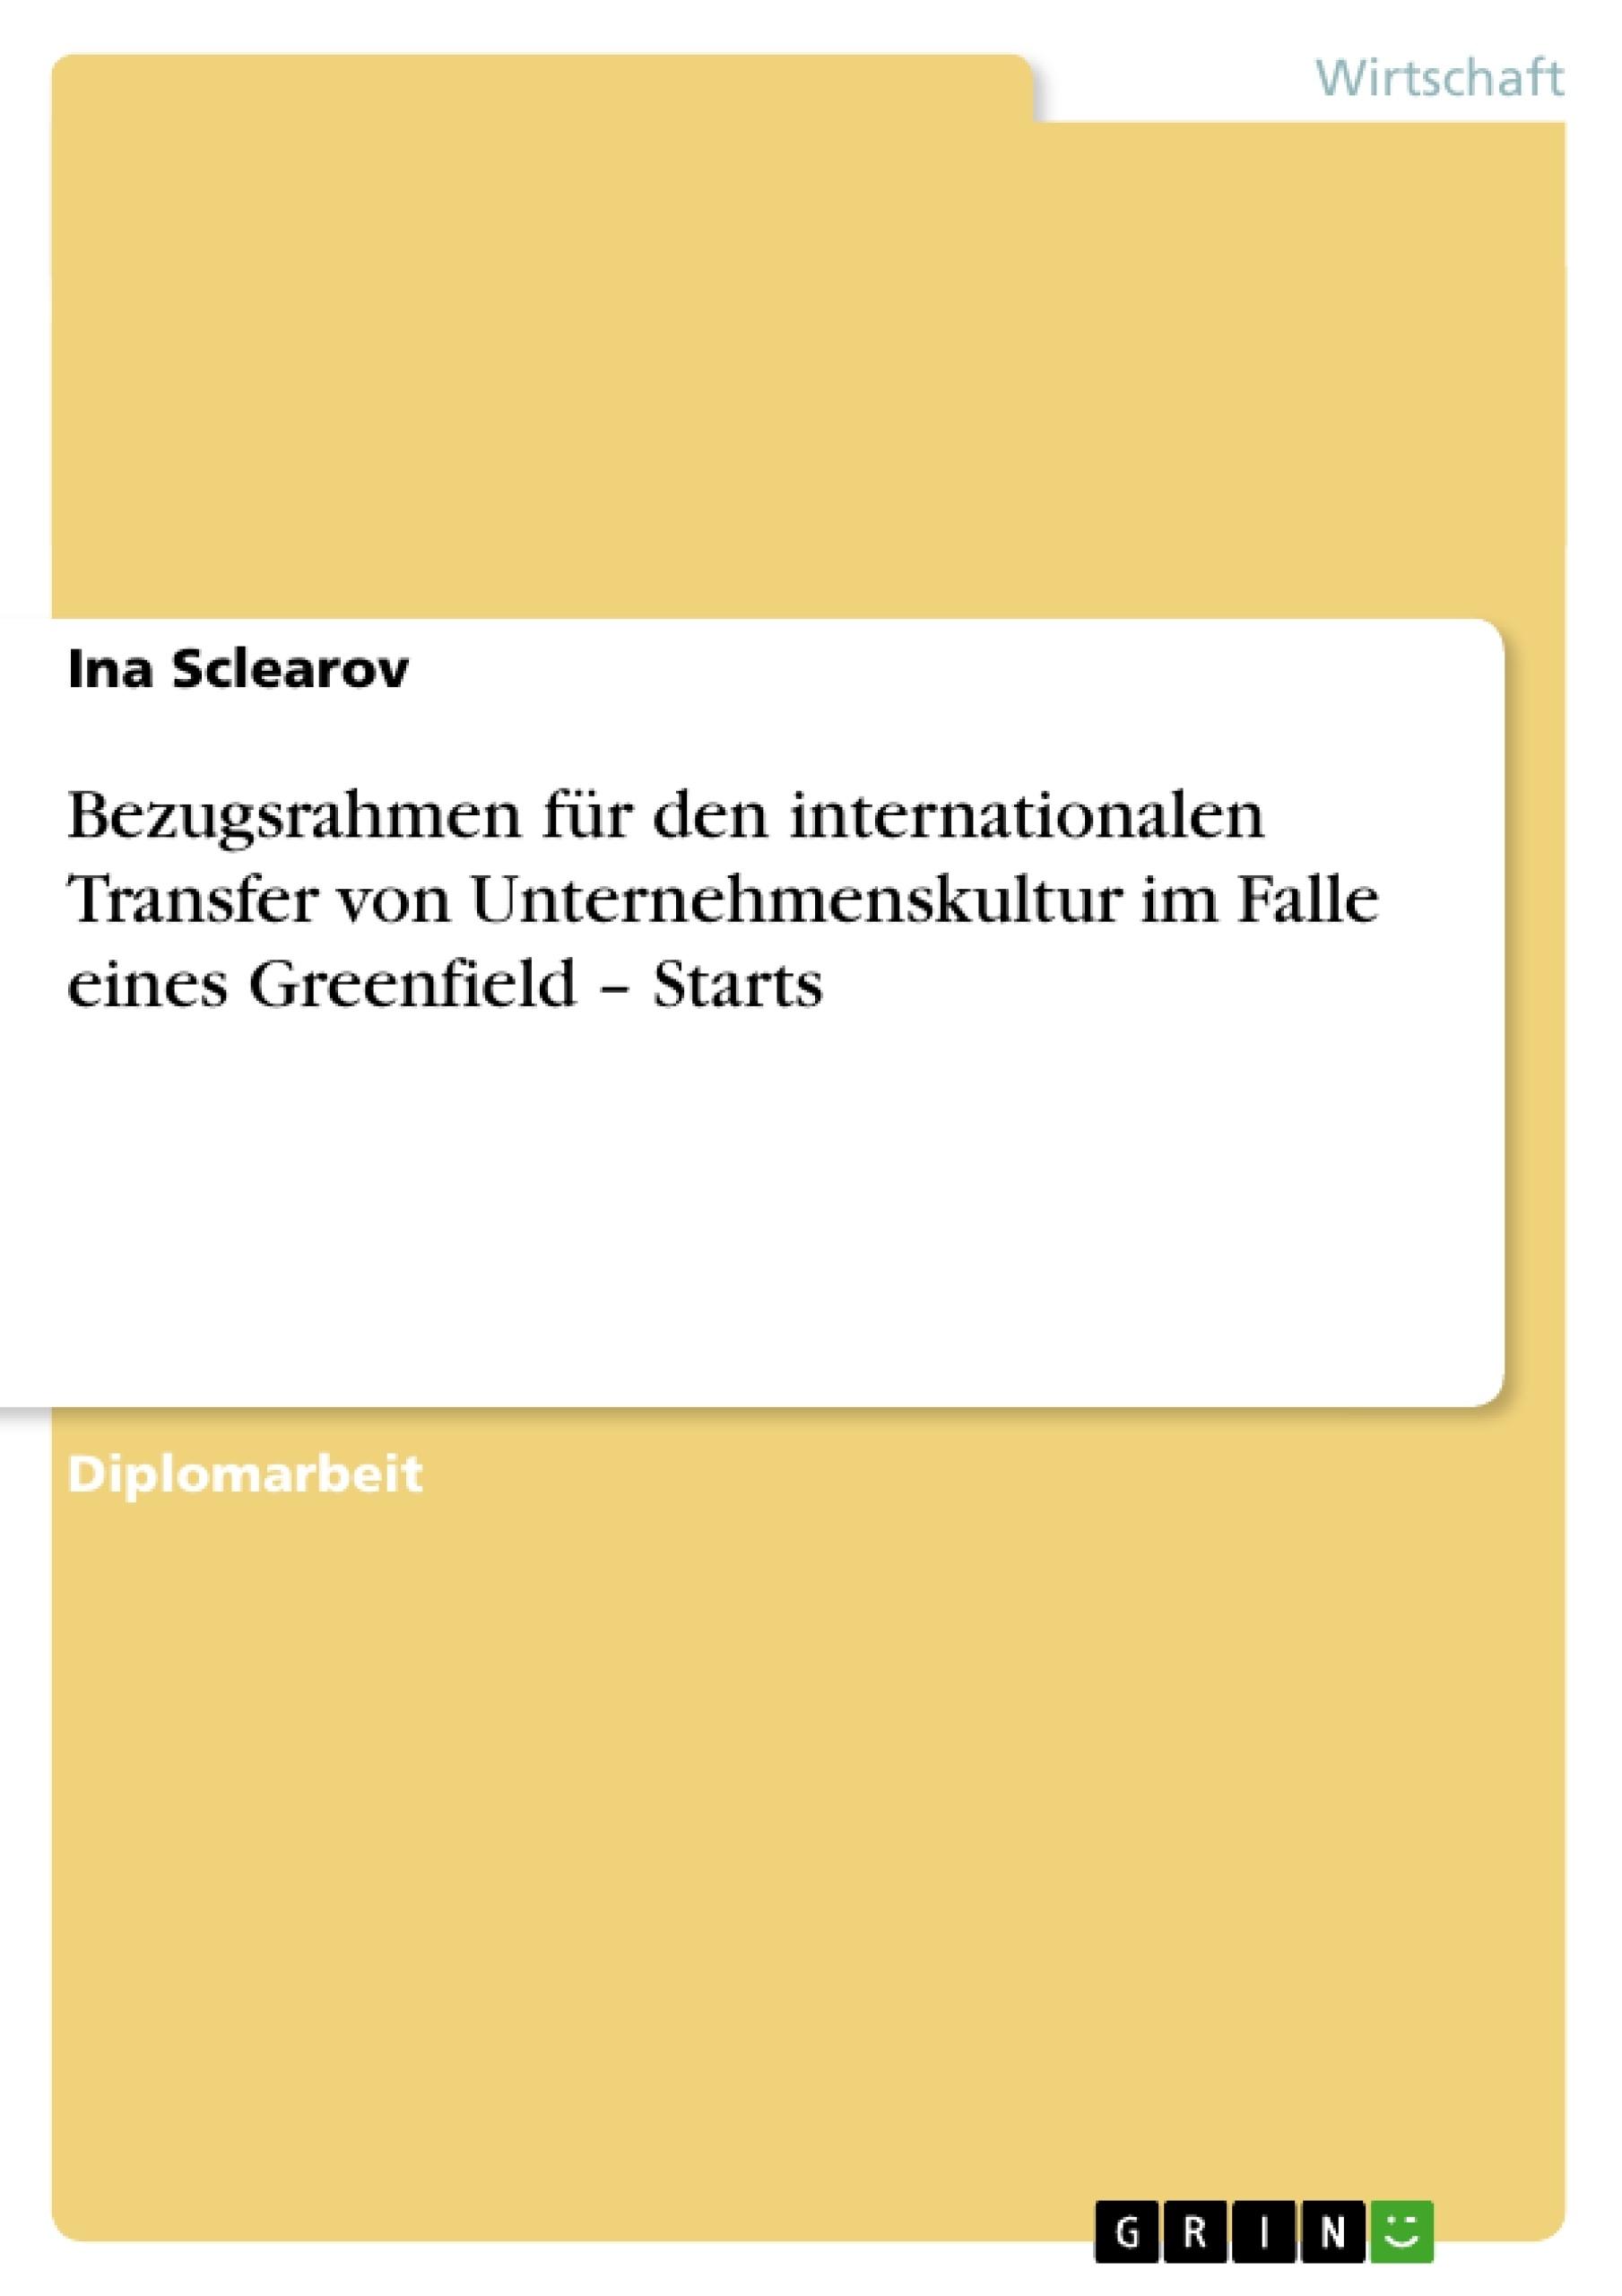 Bezugsrahmen für den internationalen Transfer von ... | Masterarbeit ...